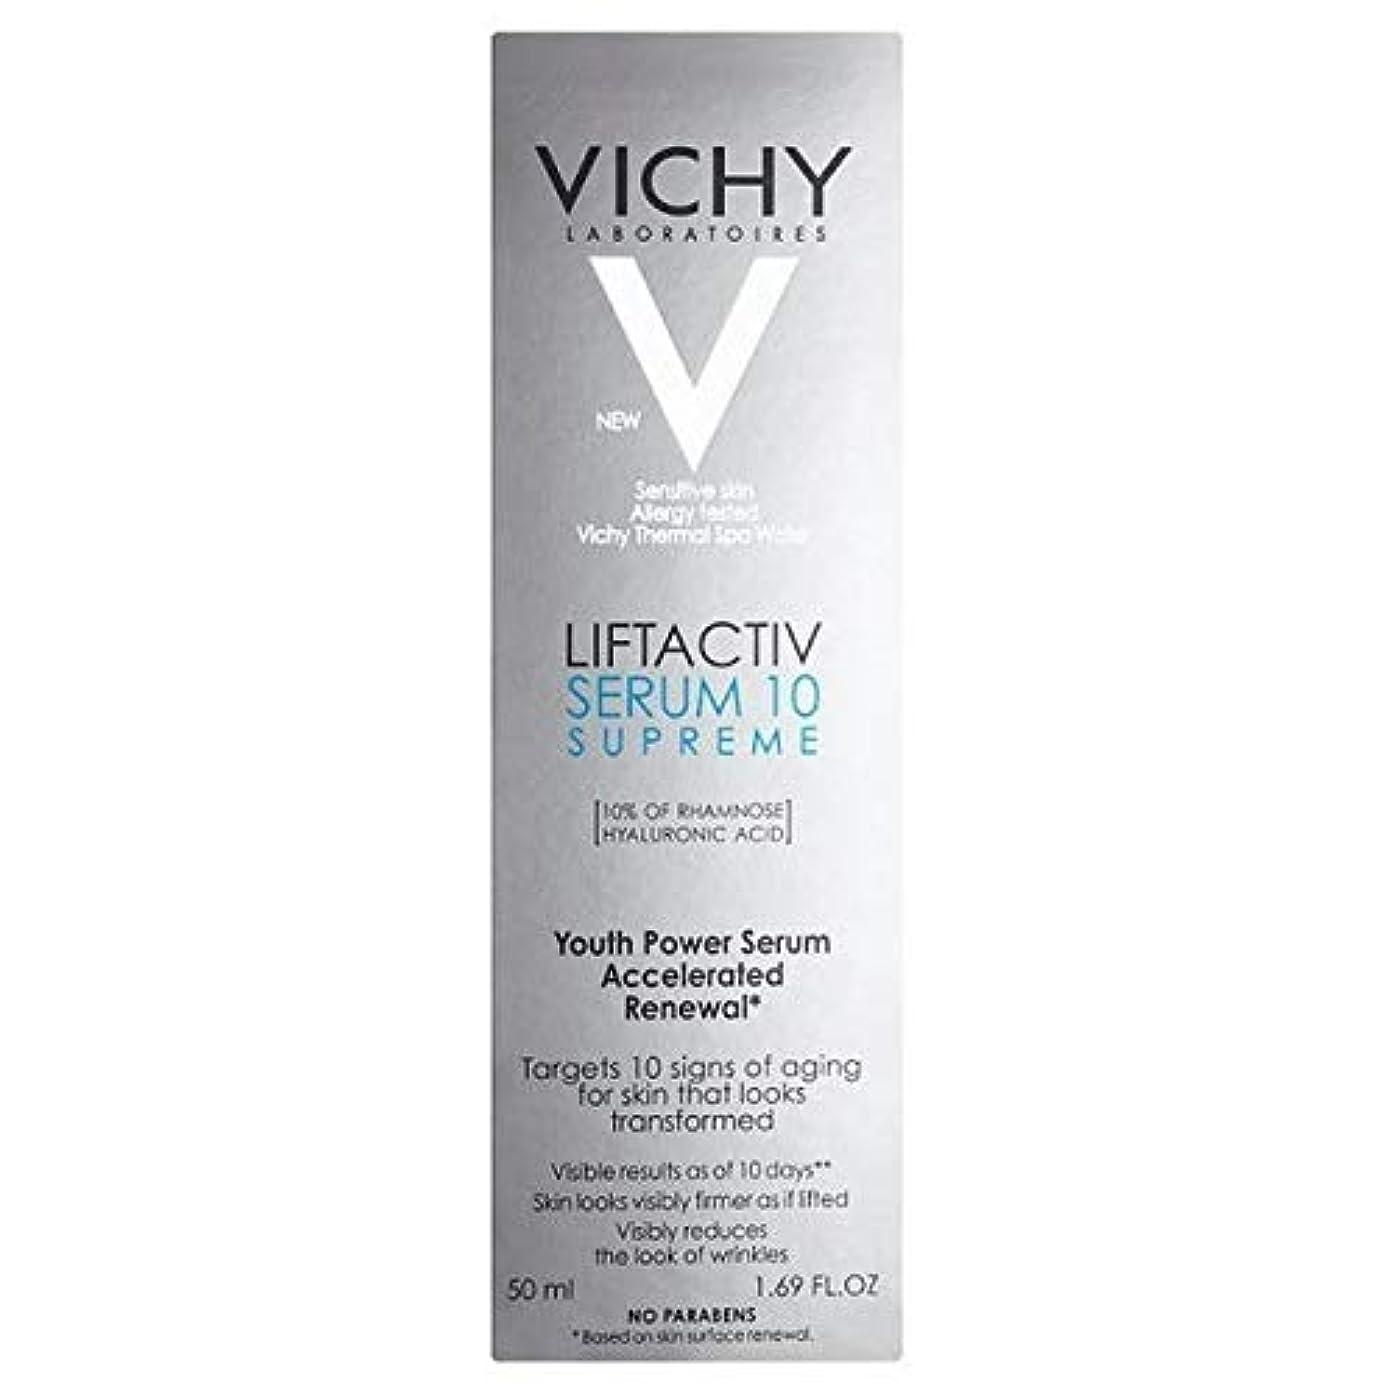 休眠農村ホール[Vichy] アンチエイジング最高の日に血清10 50ミリリットルLiftactivヴィシー - Vichy LiftActiv Anti-Ageing Supreme Day Serum 10 50ml [並行輸入品]